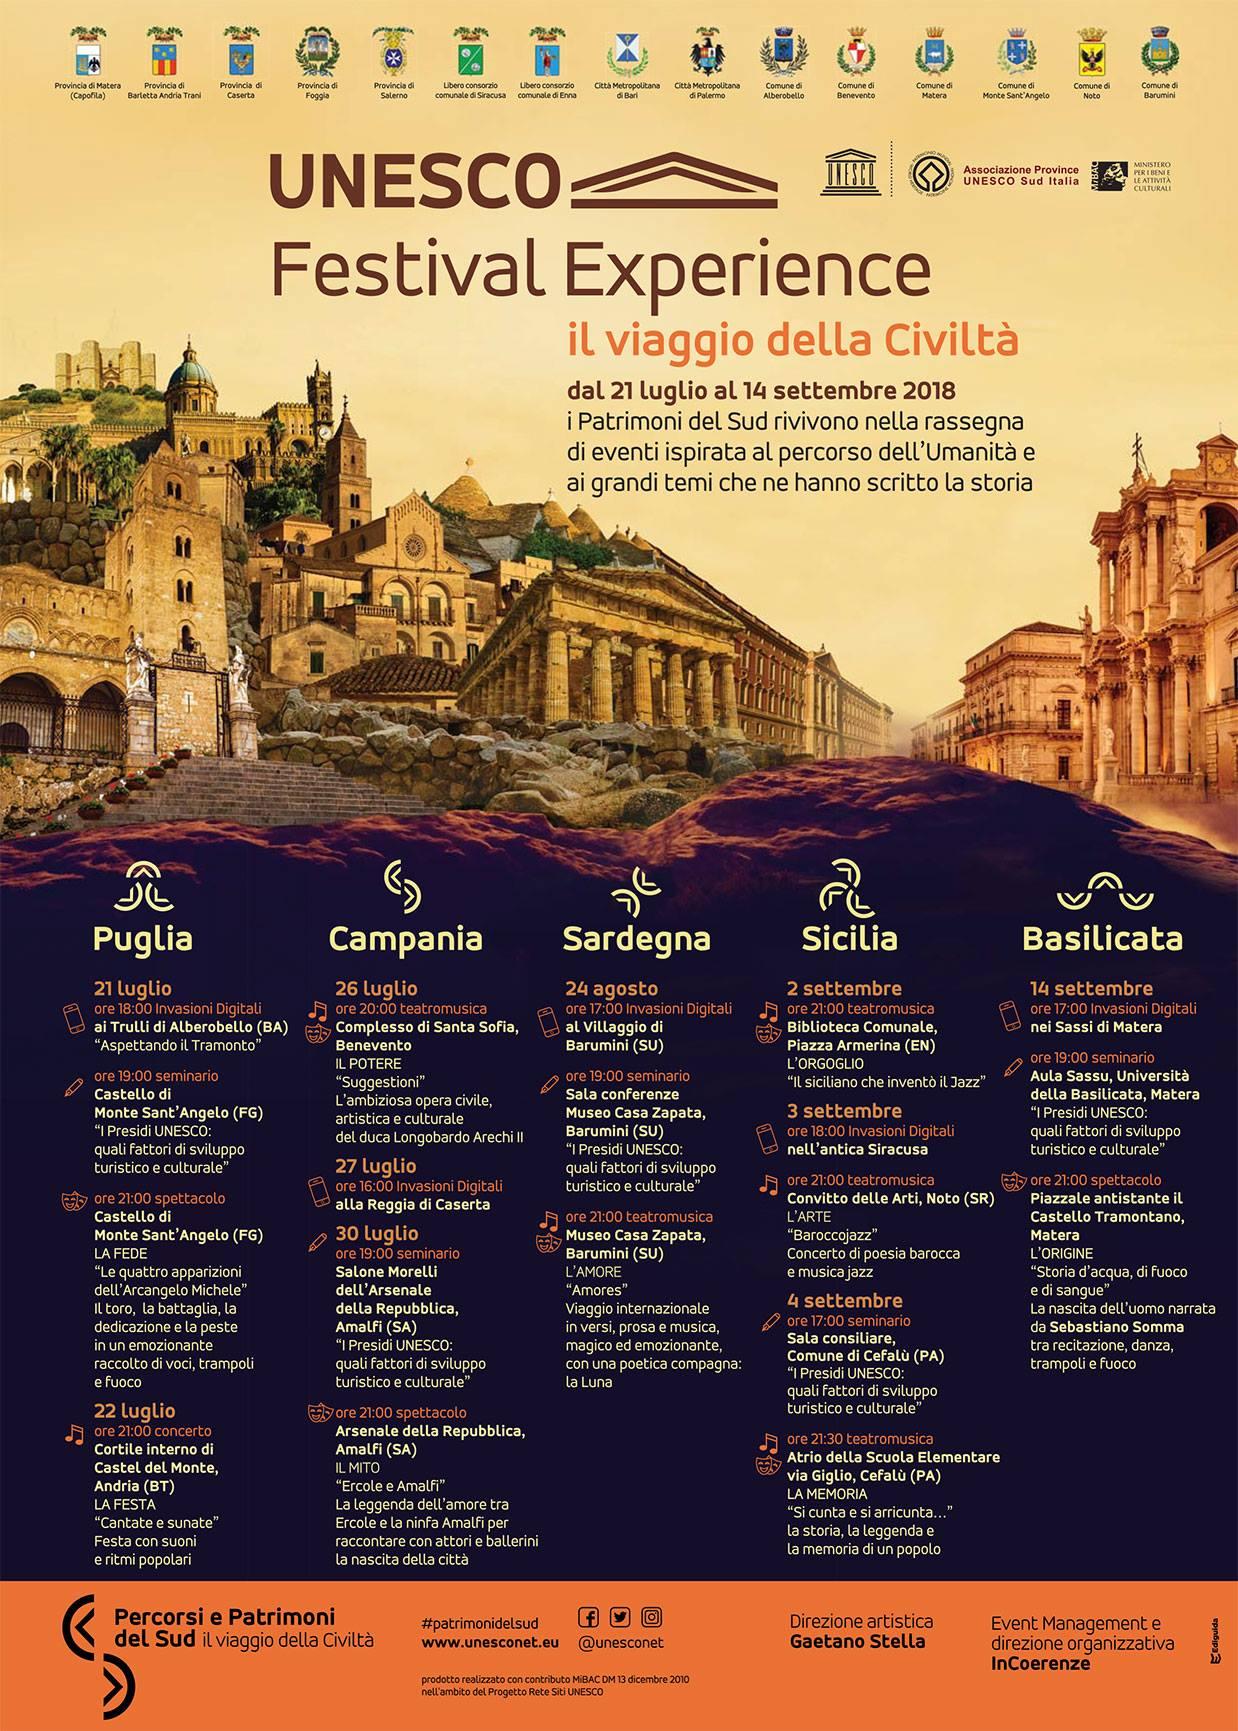 L'Unesco Festival Experience farà tappa anche a Noto   Spettacoli, seminari e invasioni digitali per rilanciare i territori. Coinvolti i 14 siti Patrimonio dell'Umanità del Meridione che fanno parte del Progetto Rete Siti Unesco